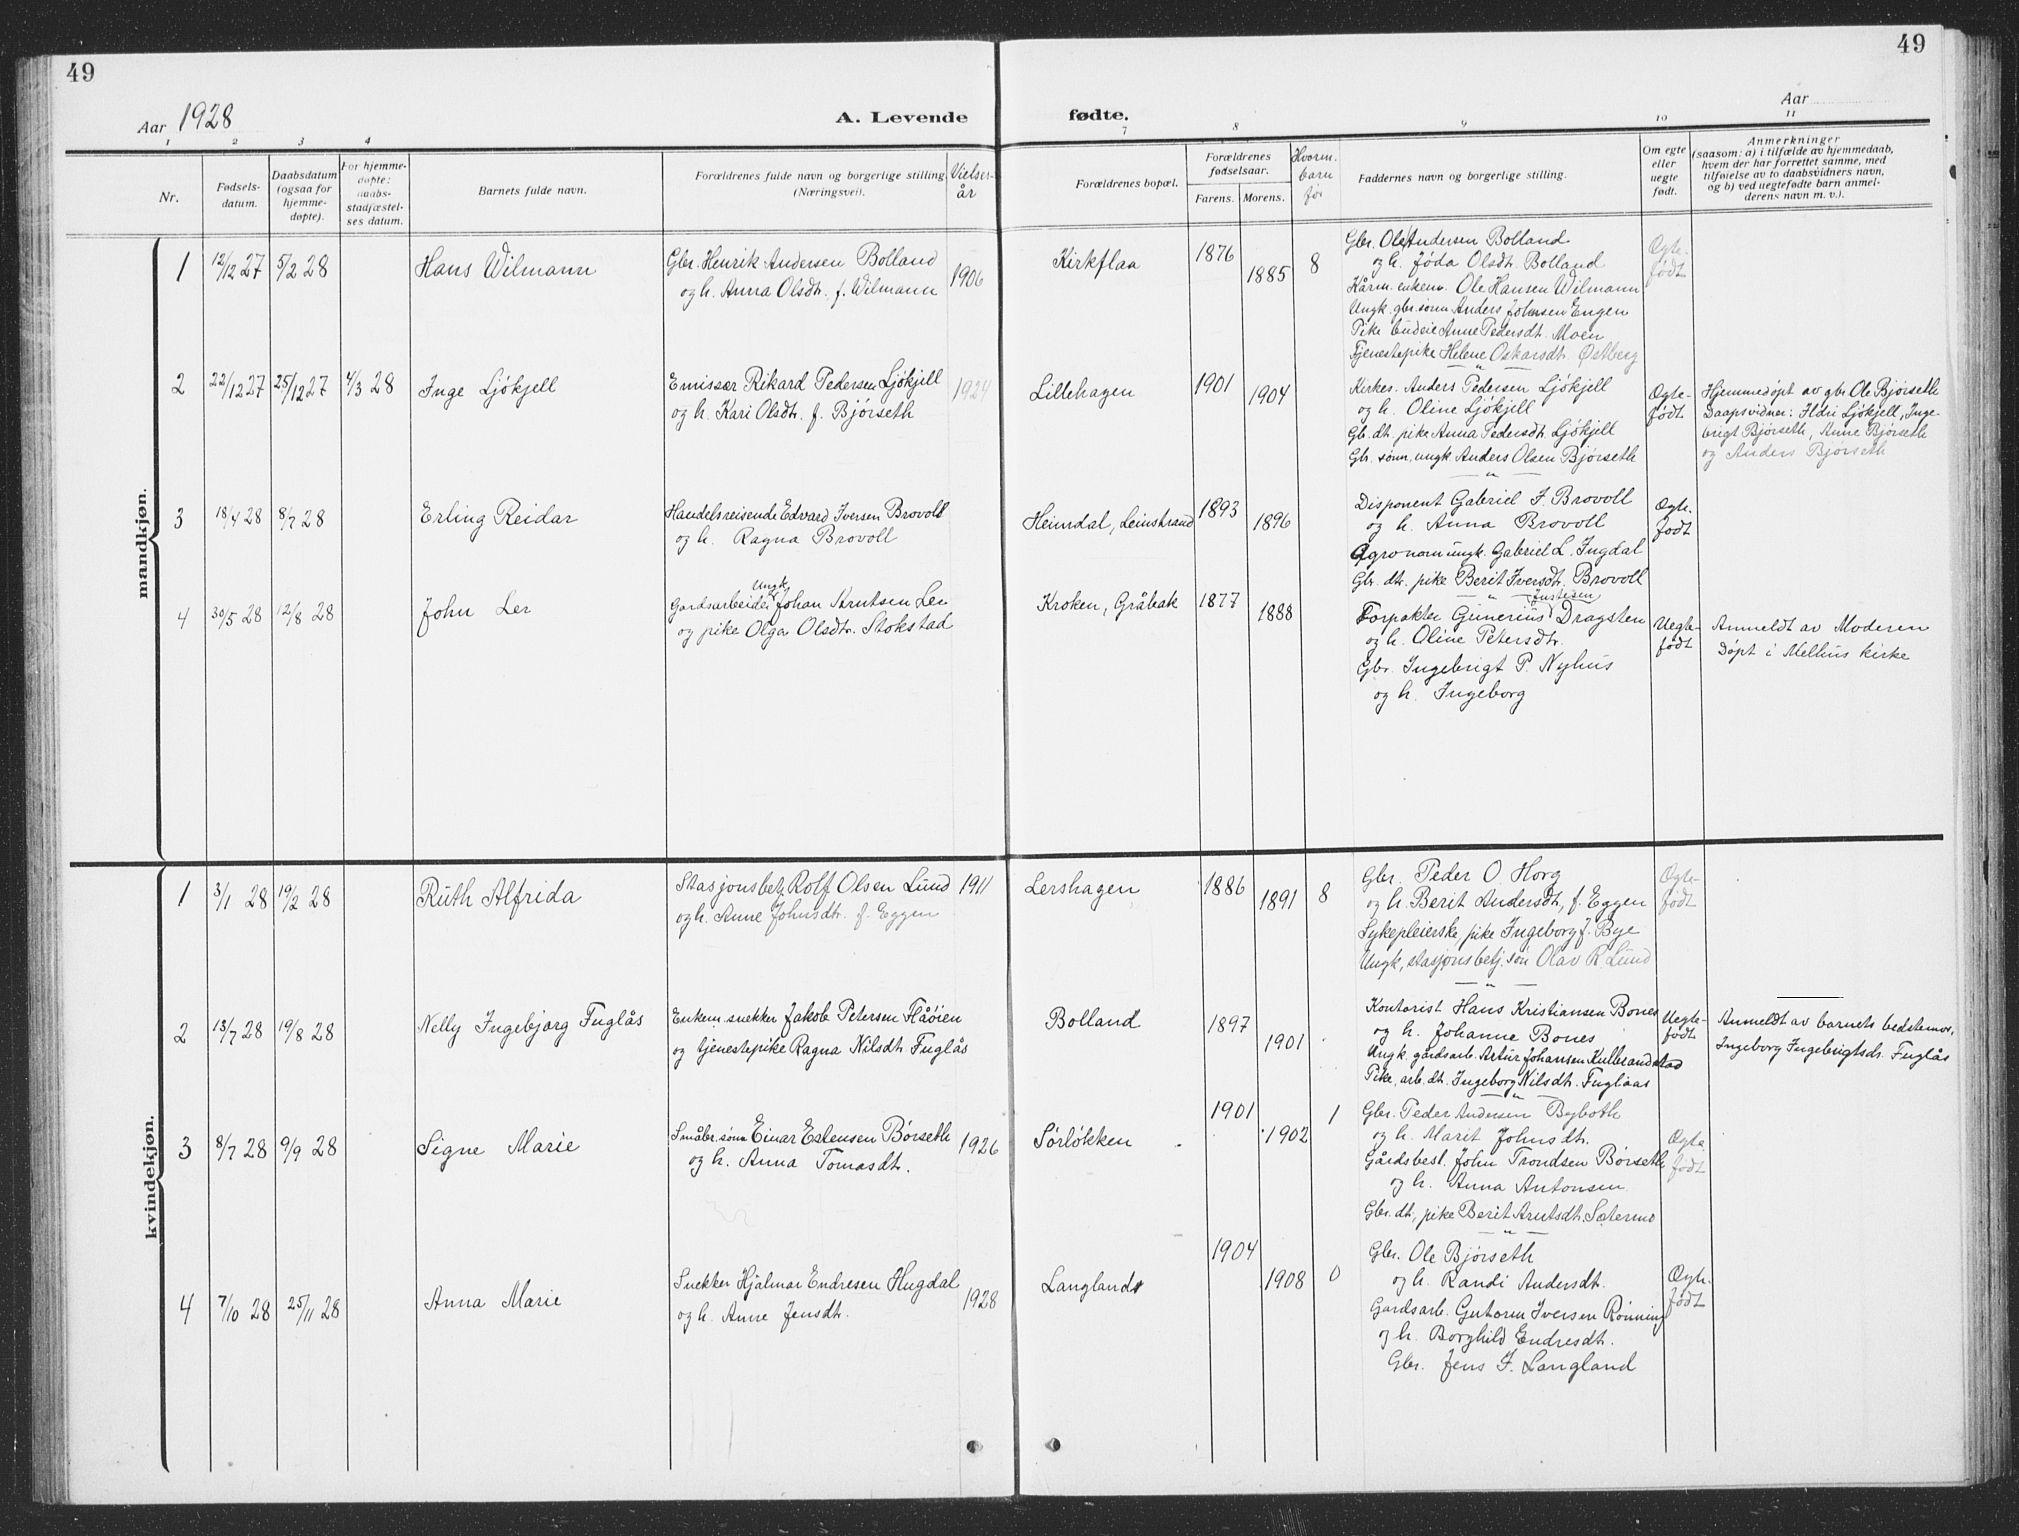 SAT, Ministerialprotokoller, klokkerbøker og fødselsregistre - Sør-Trøndelag, 693/L1124: Klokkerbok nr. 693C05, 1911-1941, s. 49